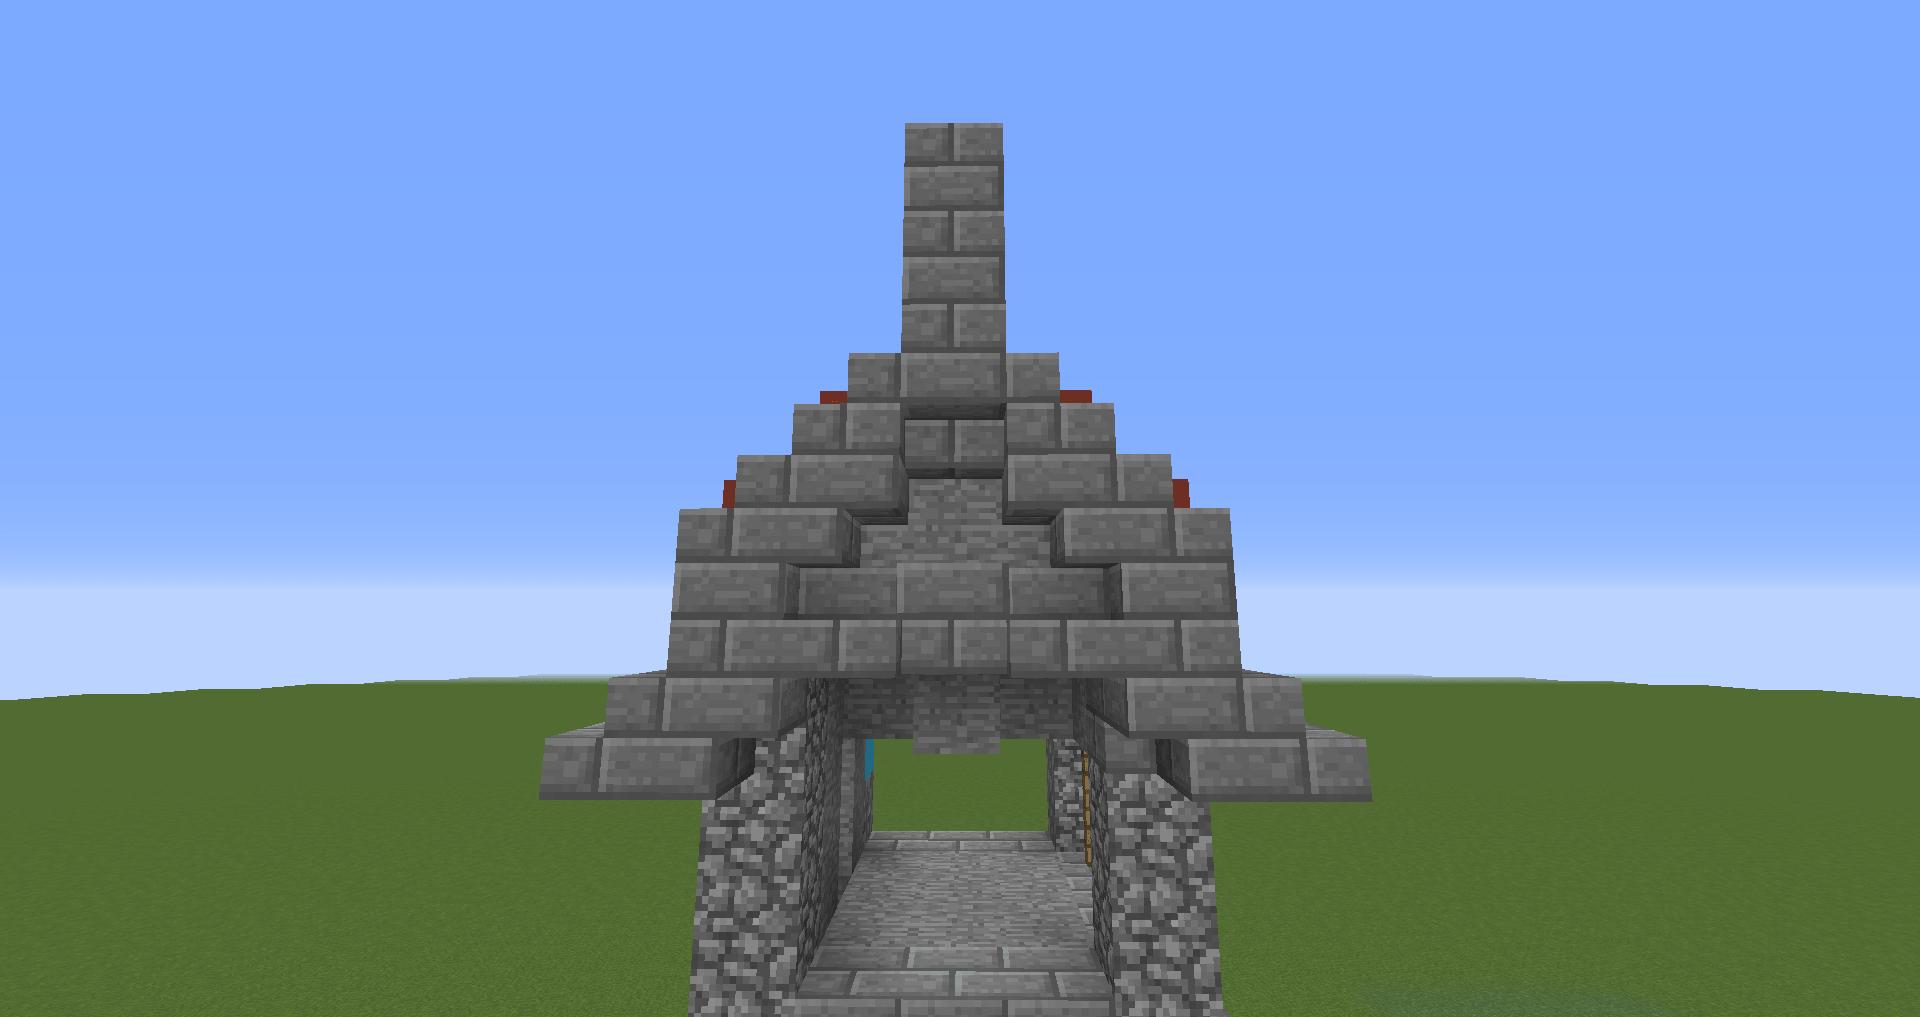 マインクラフト 風車小屋の作り方 簡単建築35